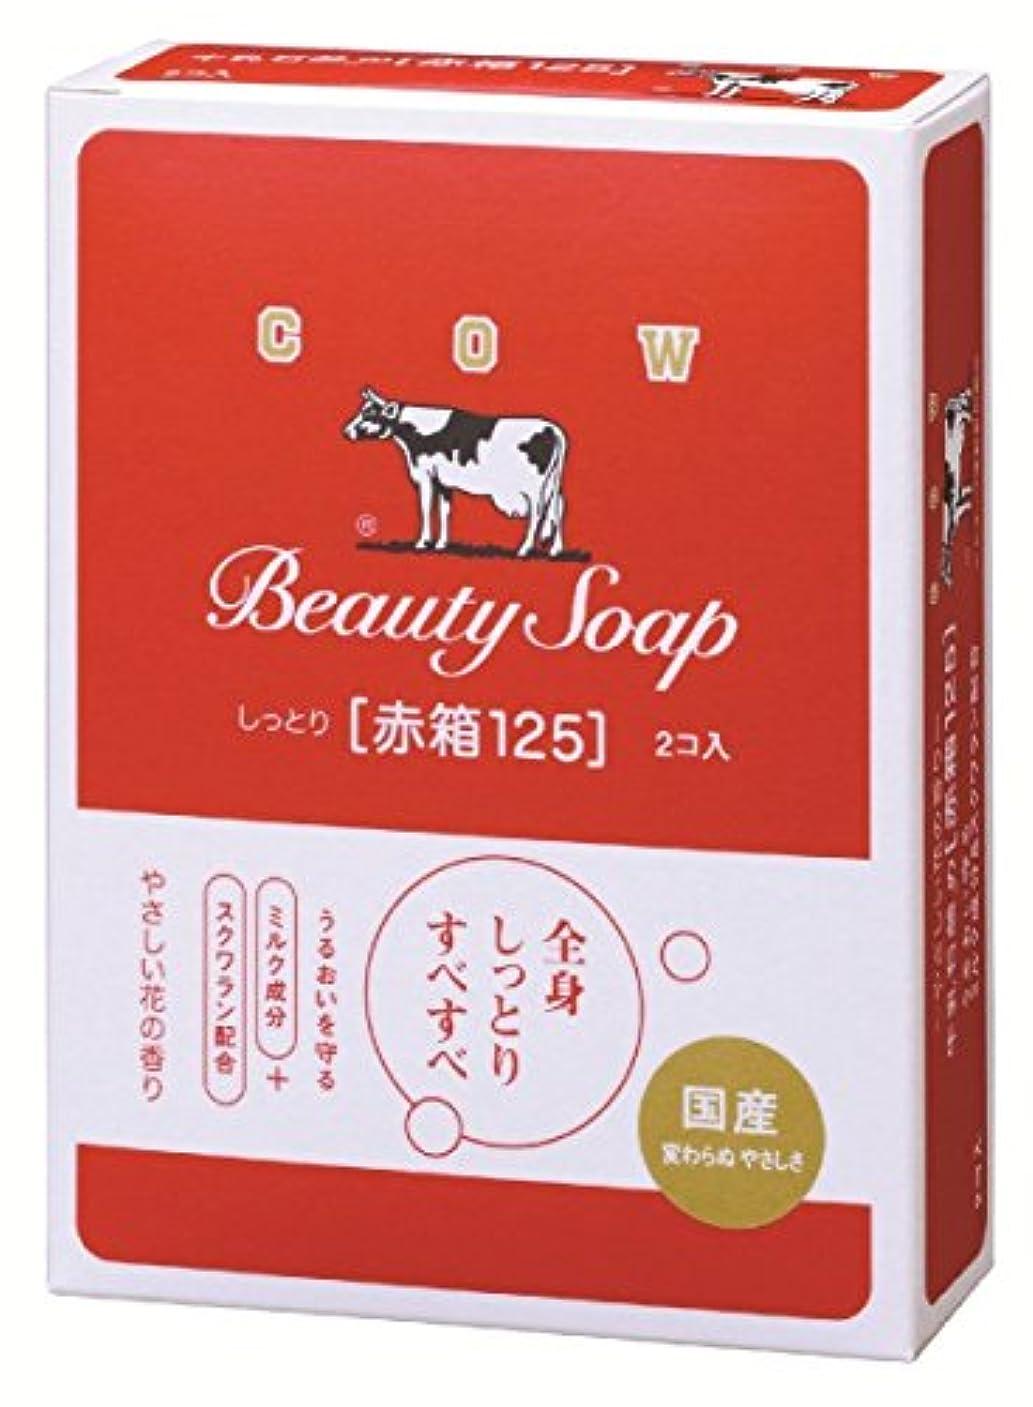 ラフ睡眠ギャラリーどきどき牛乳石鹸共進社 カウブランド 赤箱 125g×2